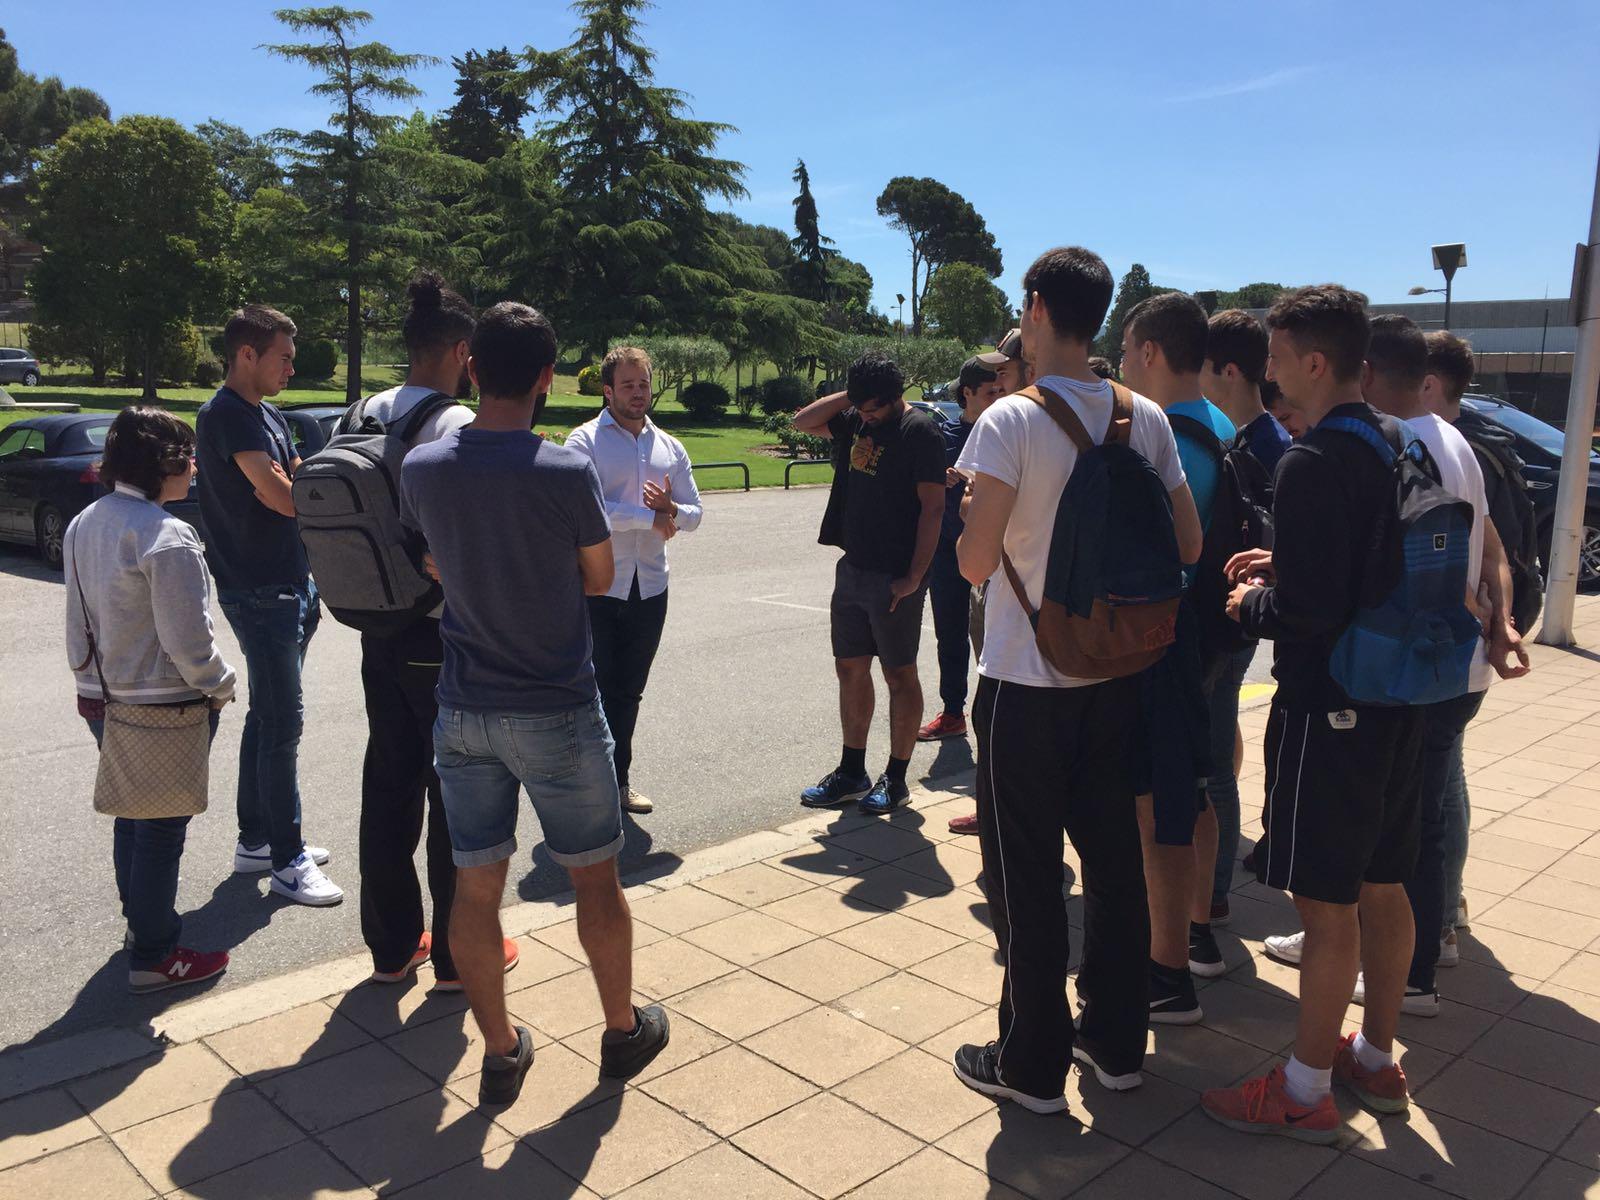 Visita al Centre d'Alt Rendiment de Sant Cugat per part dels estudiants de 3r del Grau en CAFE de l'Escola Universitària de la Salut i l'Esport